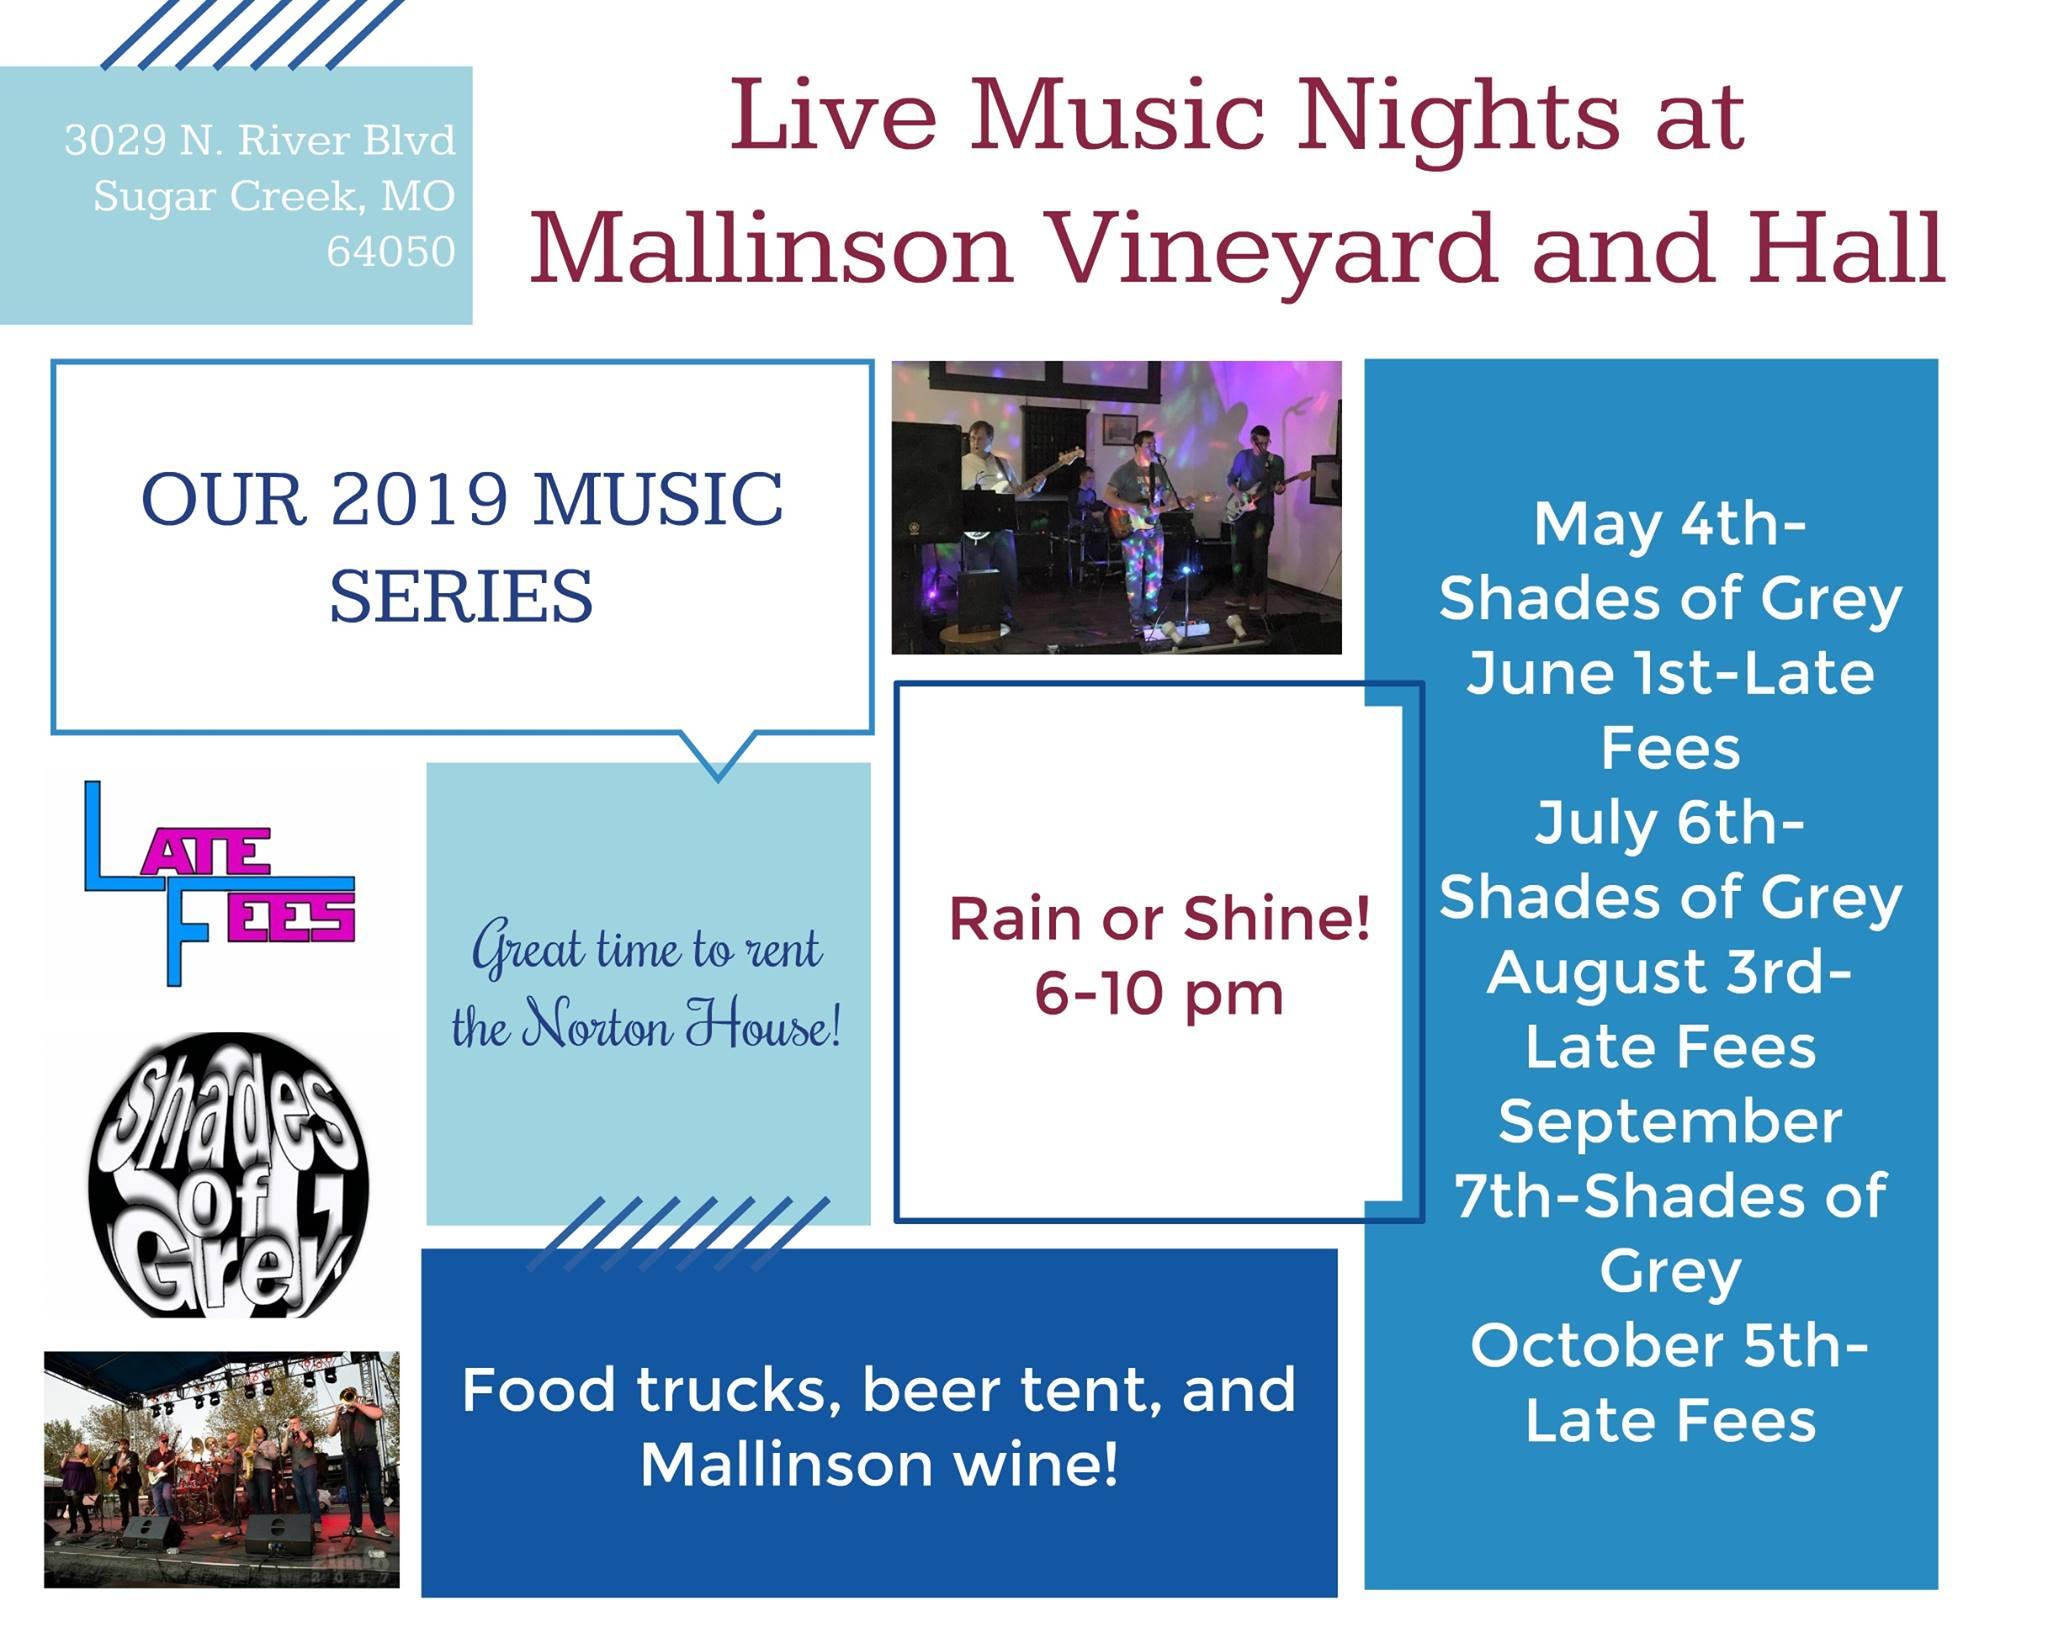 Music Events at Mallinson Vineyard and Hall - Sugar Creek MO.jpg